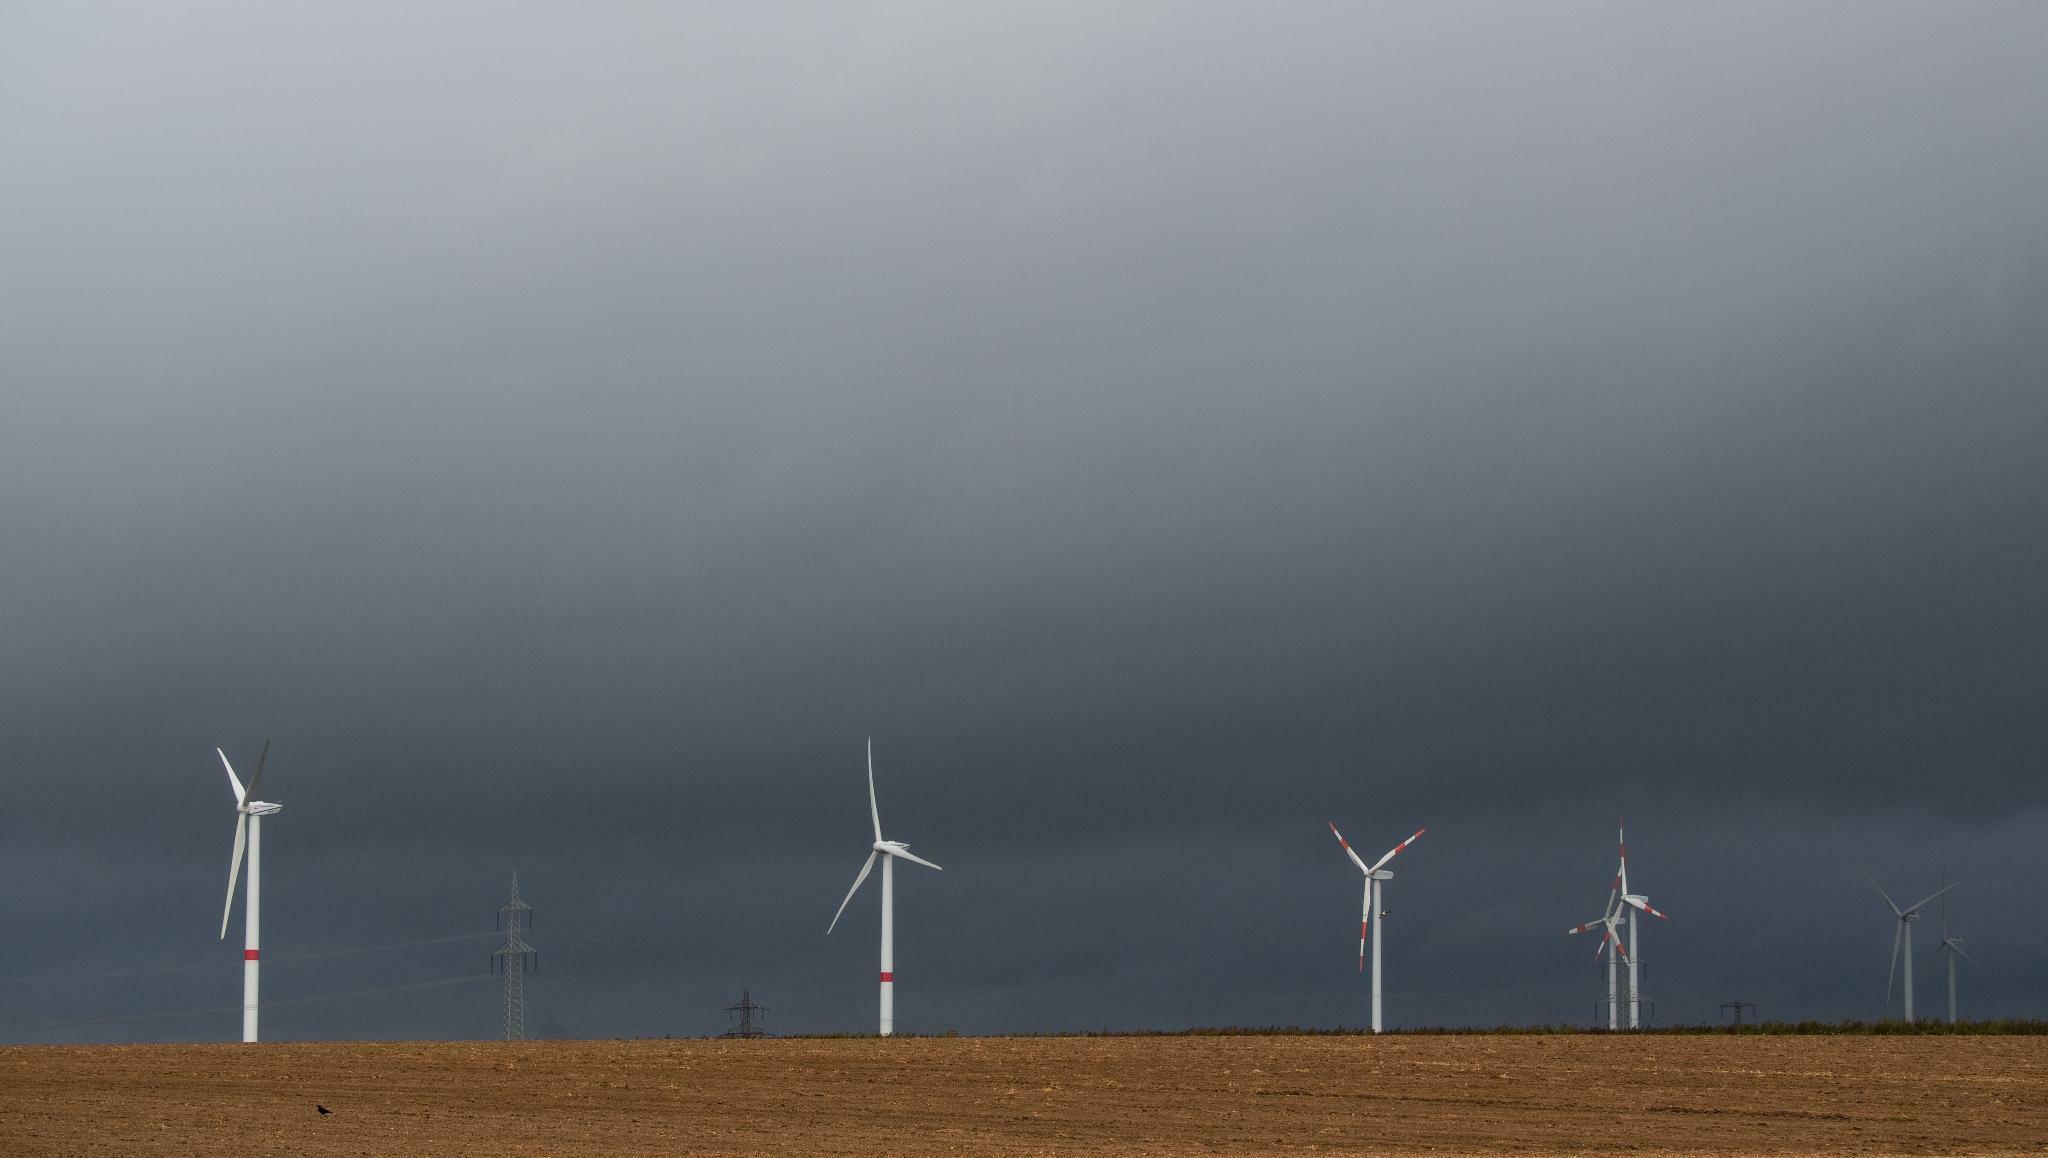 Industrie: Der stockende Ausbau der Windenergie beunruhigt Maschinenbauer